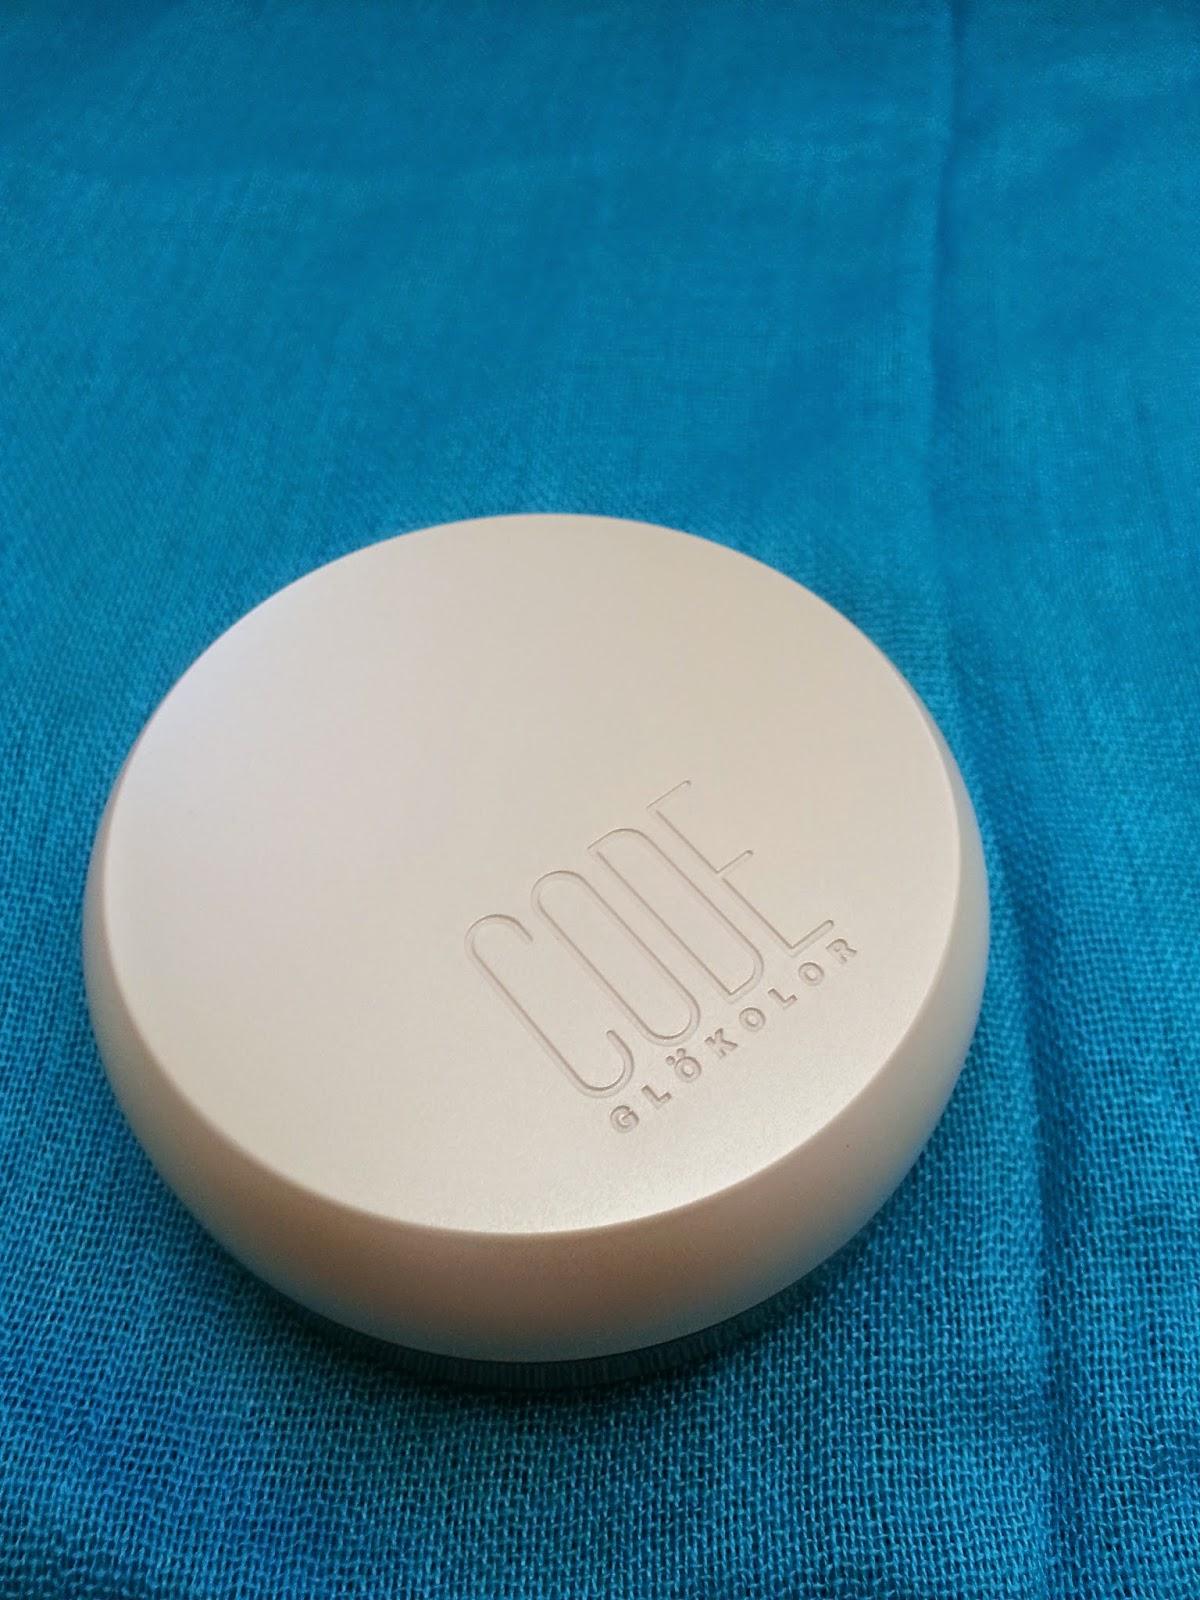 CODE Glokolor compact 2